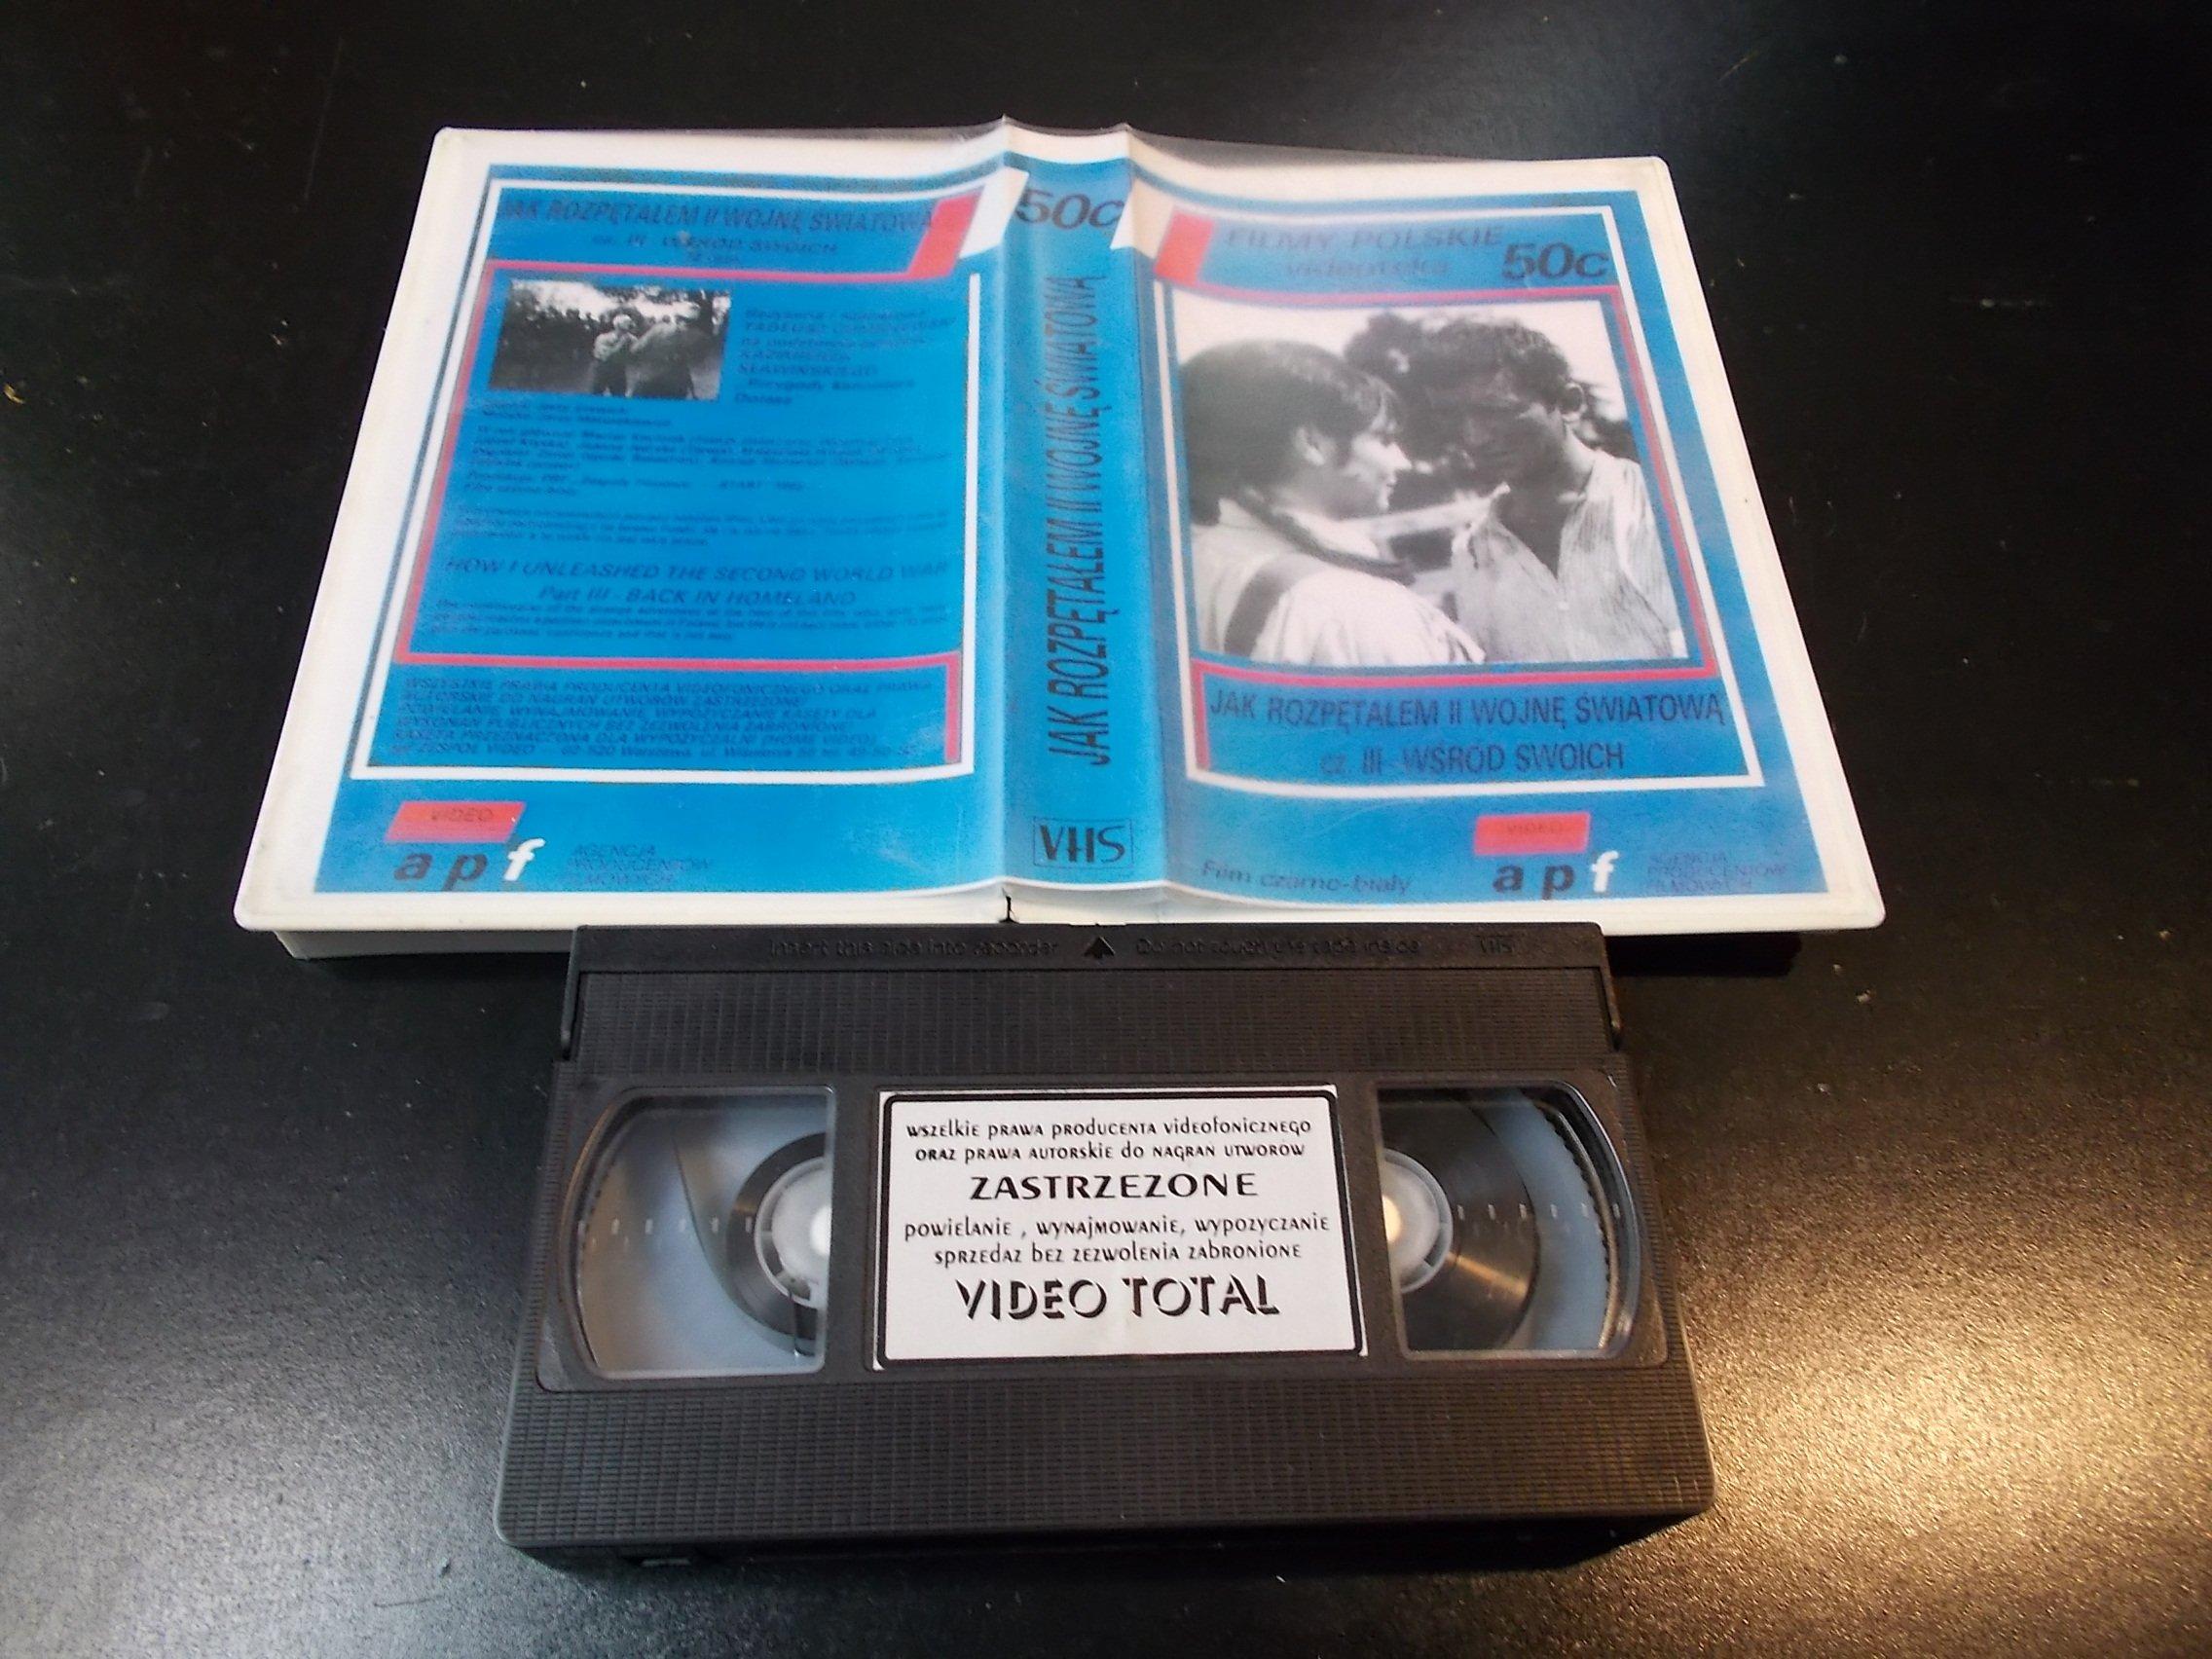 JAK ROZPENTAŁEM 2 WOJNĘ ŚWIATOWĄ cz.3 WŚRÓD SWOICH - kaseta Video VHS - 1356 Sklep